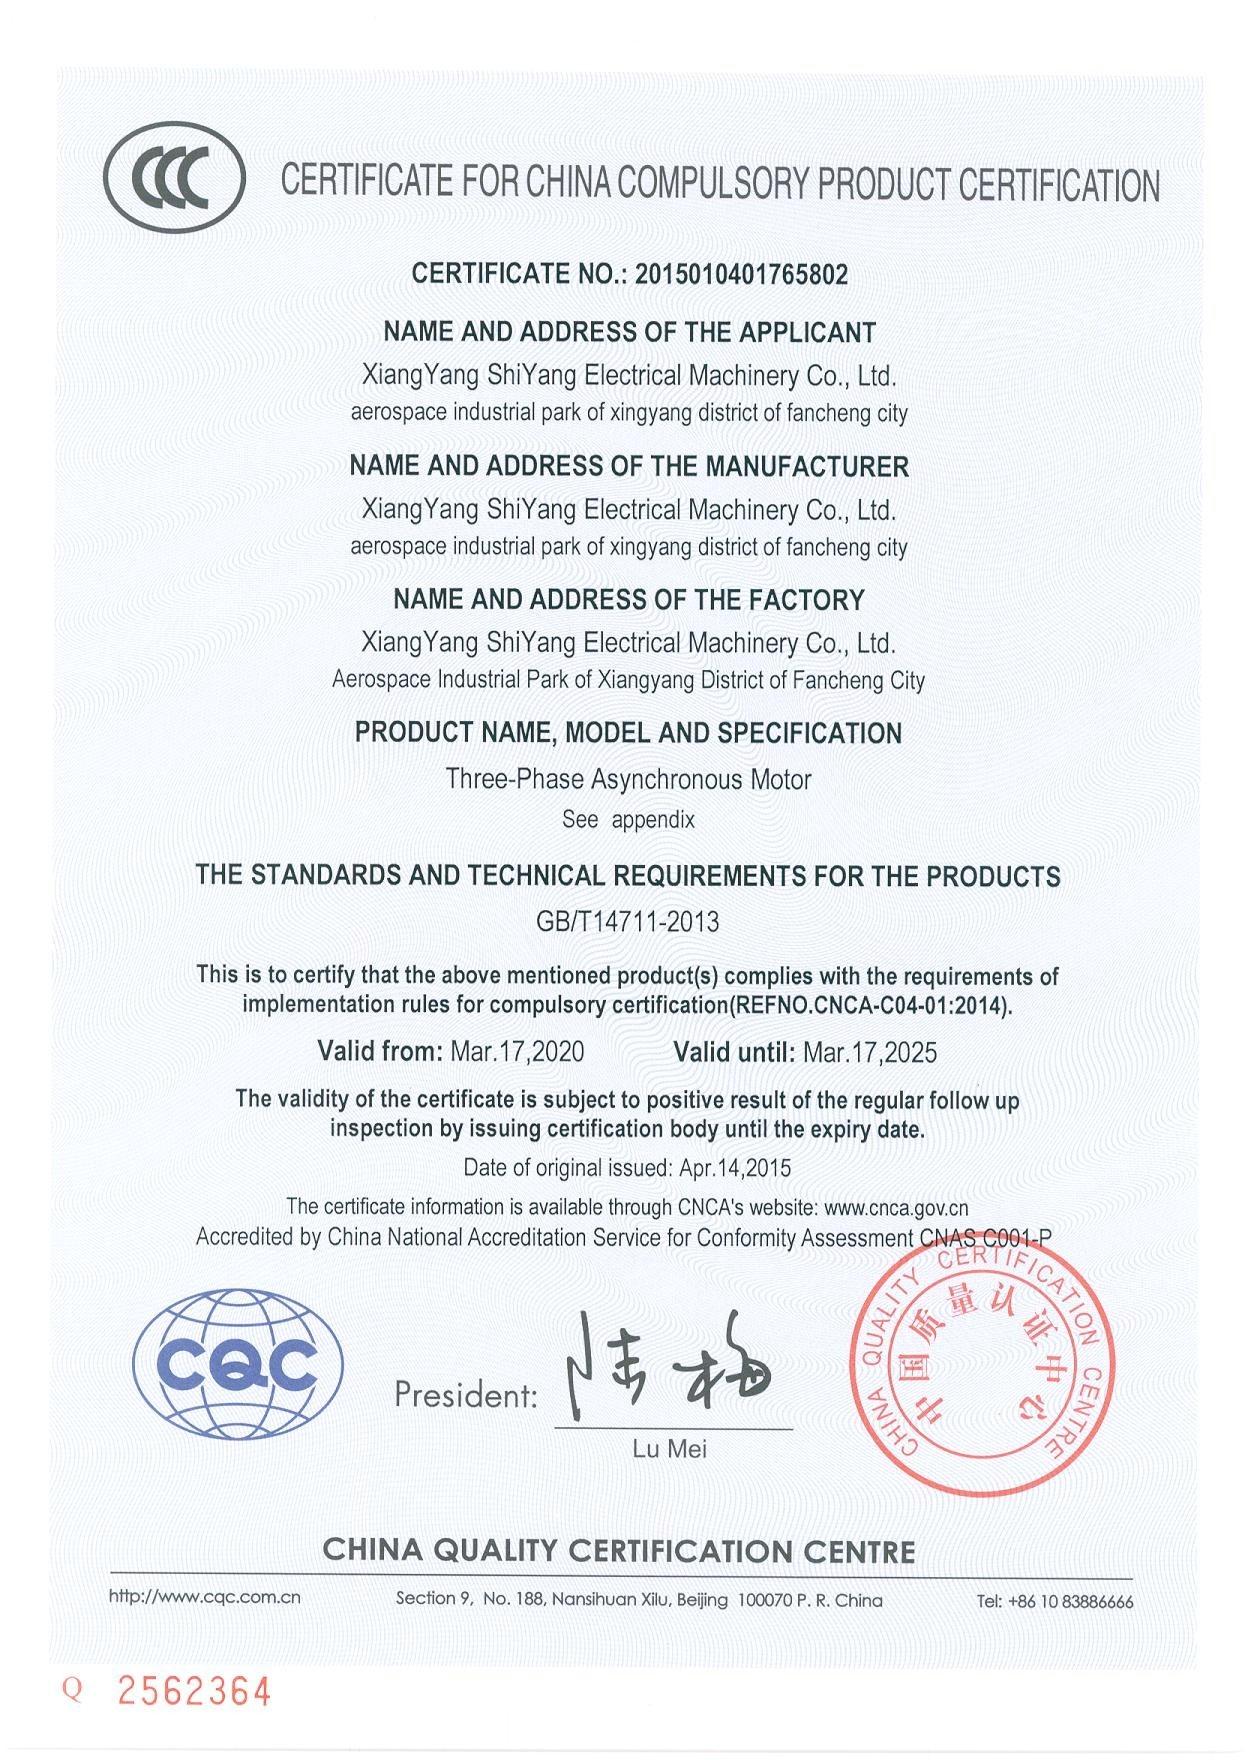 高效3C认证书 (英文)2